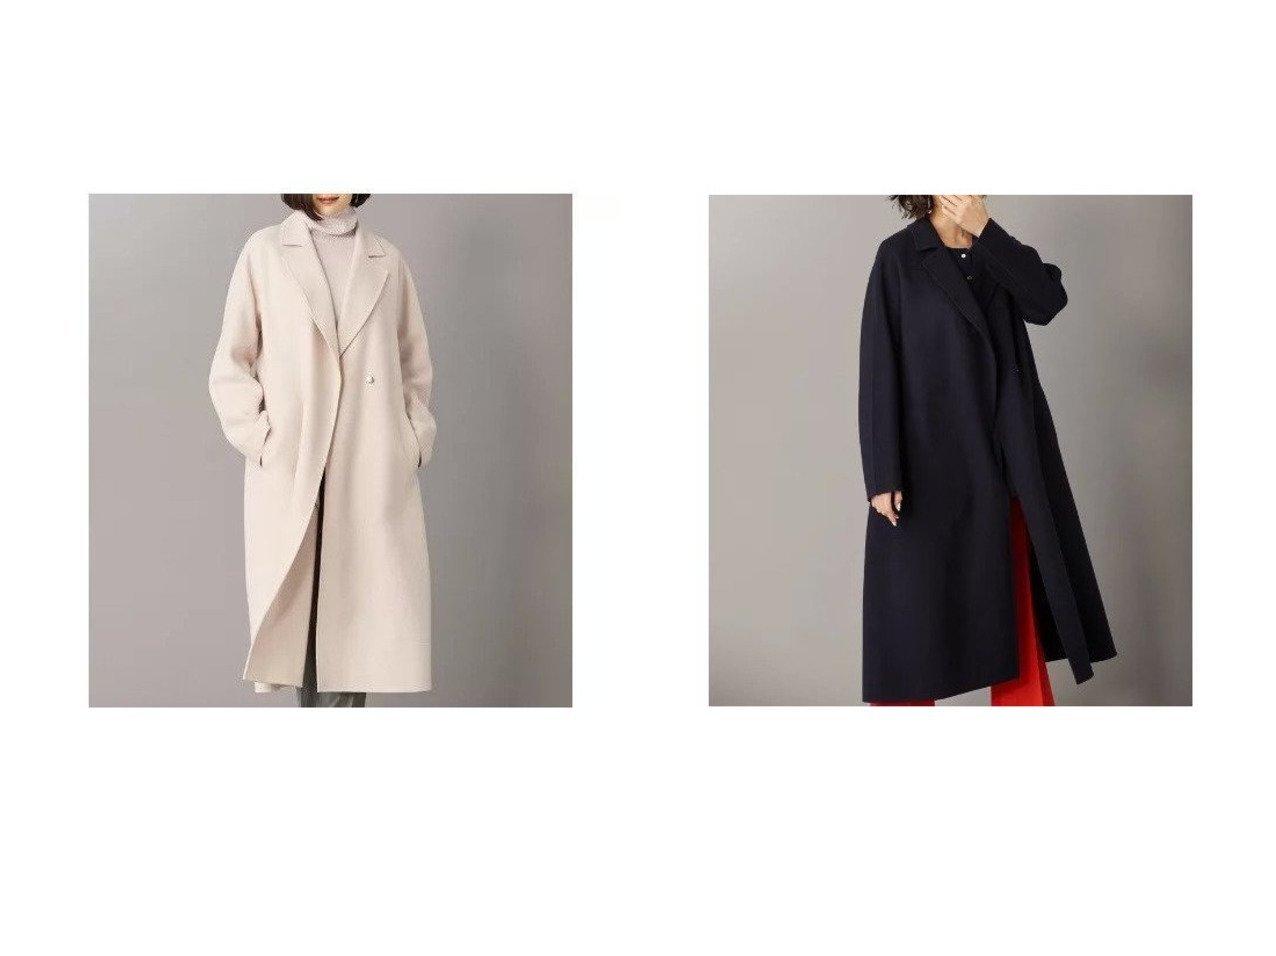 【BEIGE,/ベイジ,】の【限定色あり】 コート 別注・限定・コラボなど、おすすめ!人気トレンド・レディースファッション通販 おすすめファッション通販アイテム インテリア・キッズ・メンズ・レディースファッション・服の通販 founy(ファニー)  ファッション Fashion レディースファッション WOMEN アウター Coat Outerwear コート Coats ジャケット Jackets 2020年 2020 2020-2021 秋冬 A/W AW Autumn/Winter / FW Fall-Winter 2020-2021 A/W 秋冬 AW Autumn/Winter / FW Fall-Winter ジャケット ベーシック ブルー系 Blue |ID:crp329100000018125